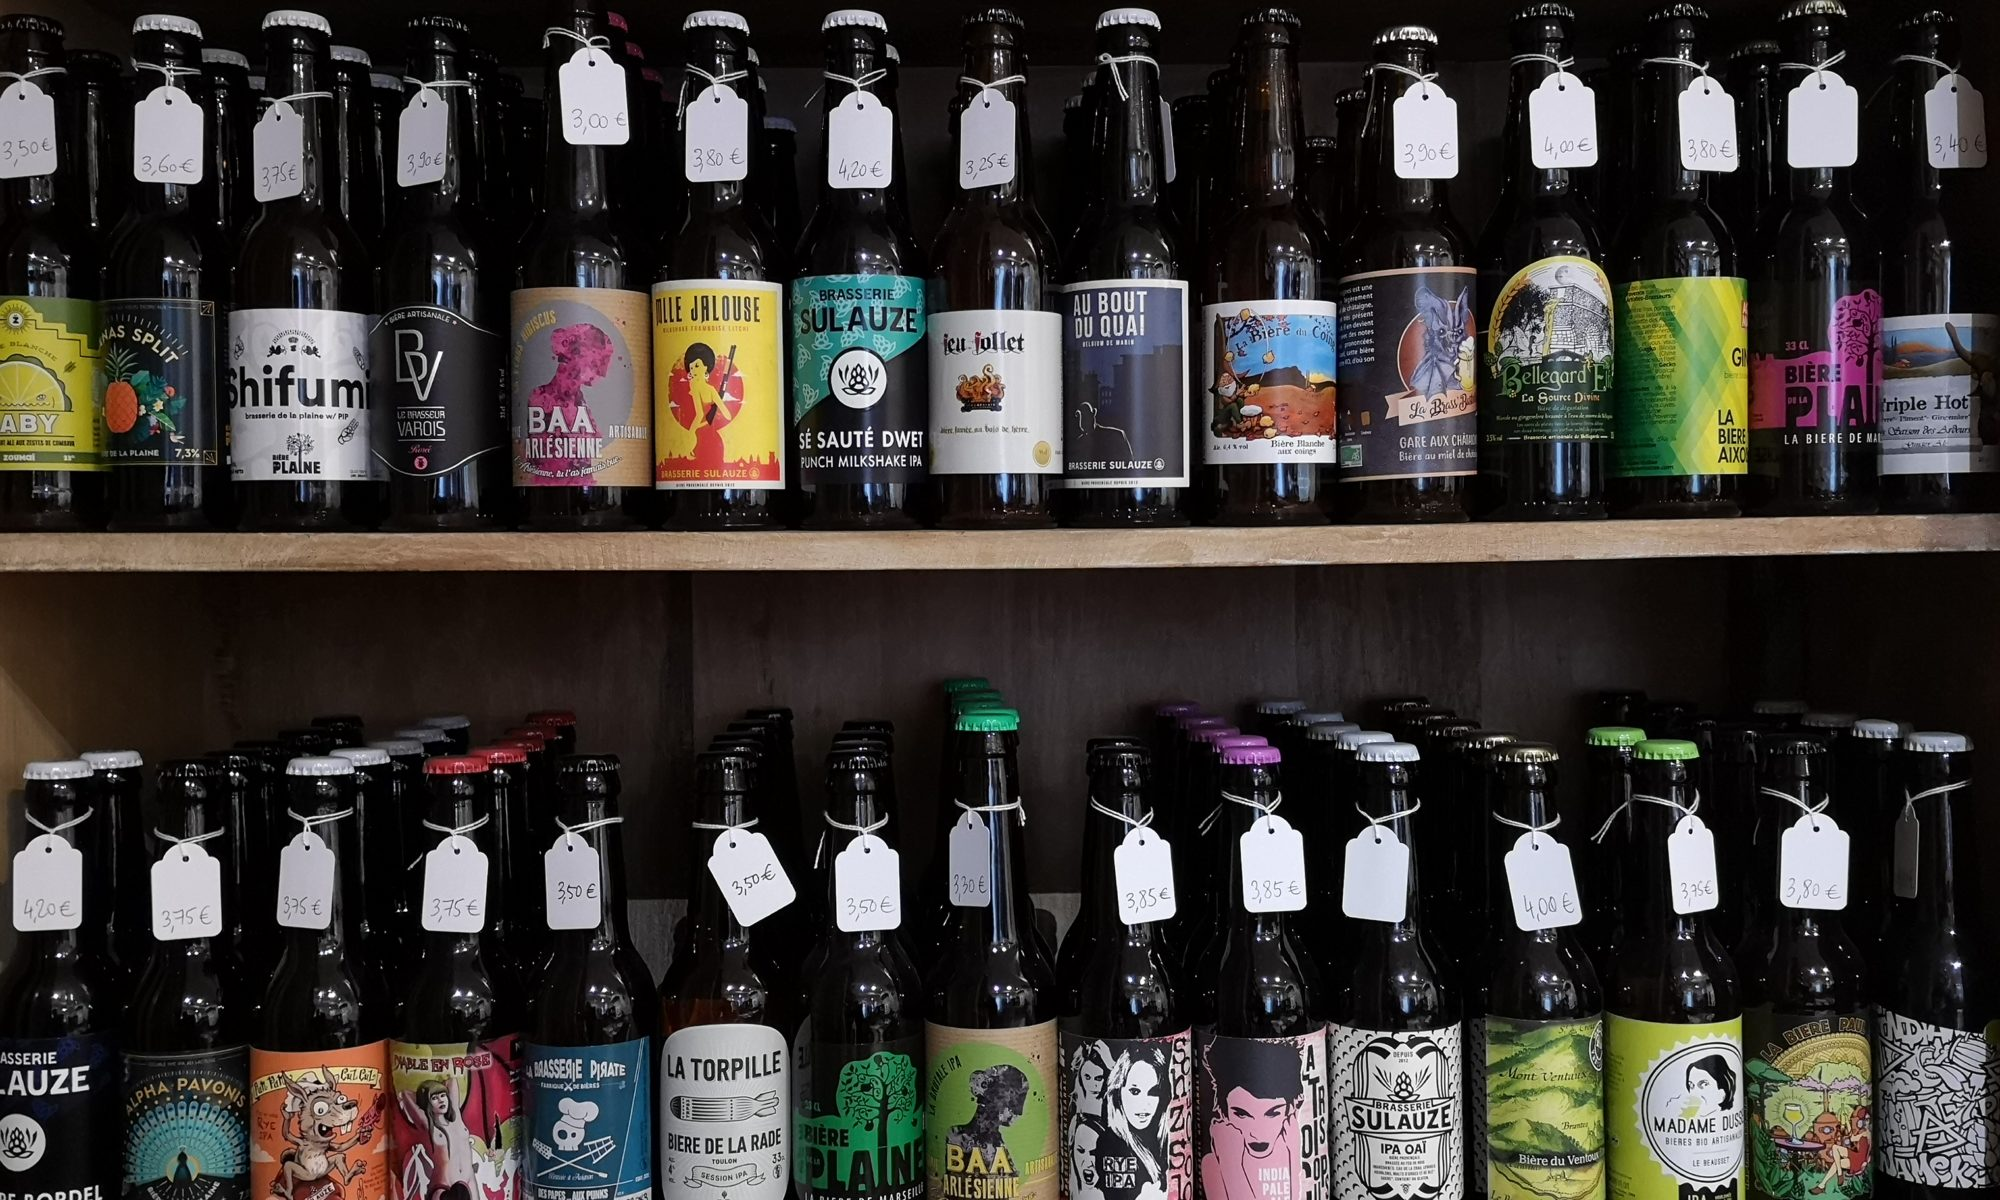 bières disponibles chez De natura rerum décembre 2018 1